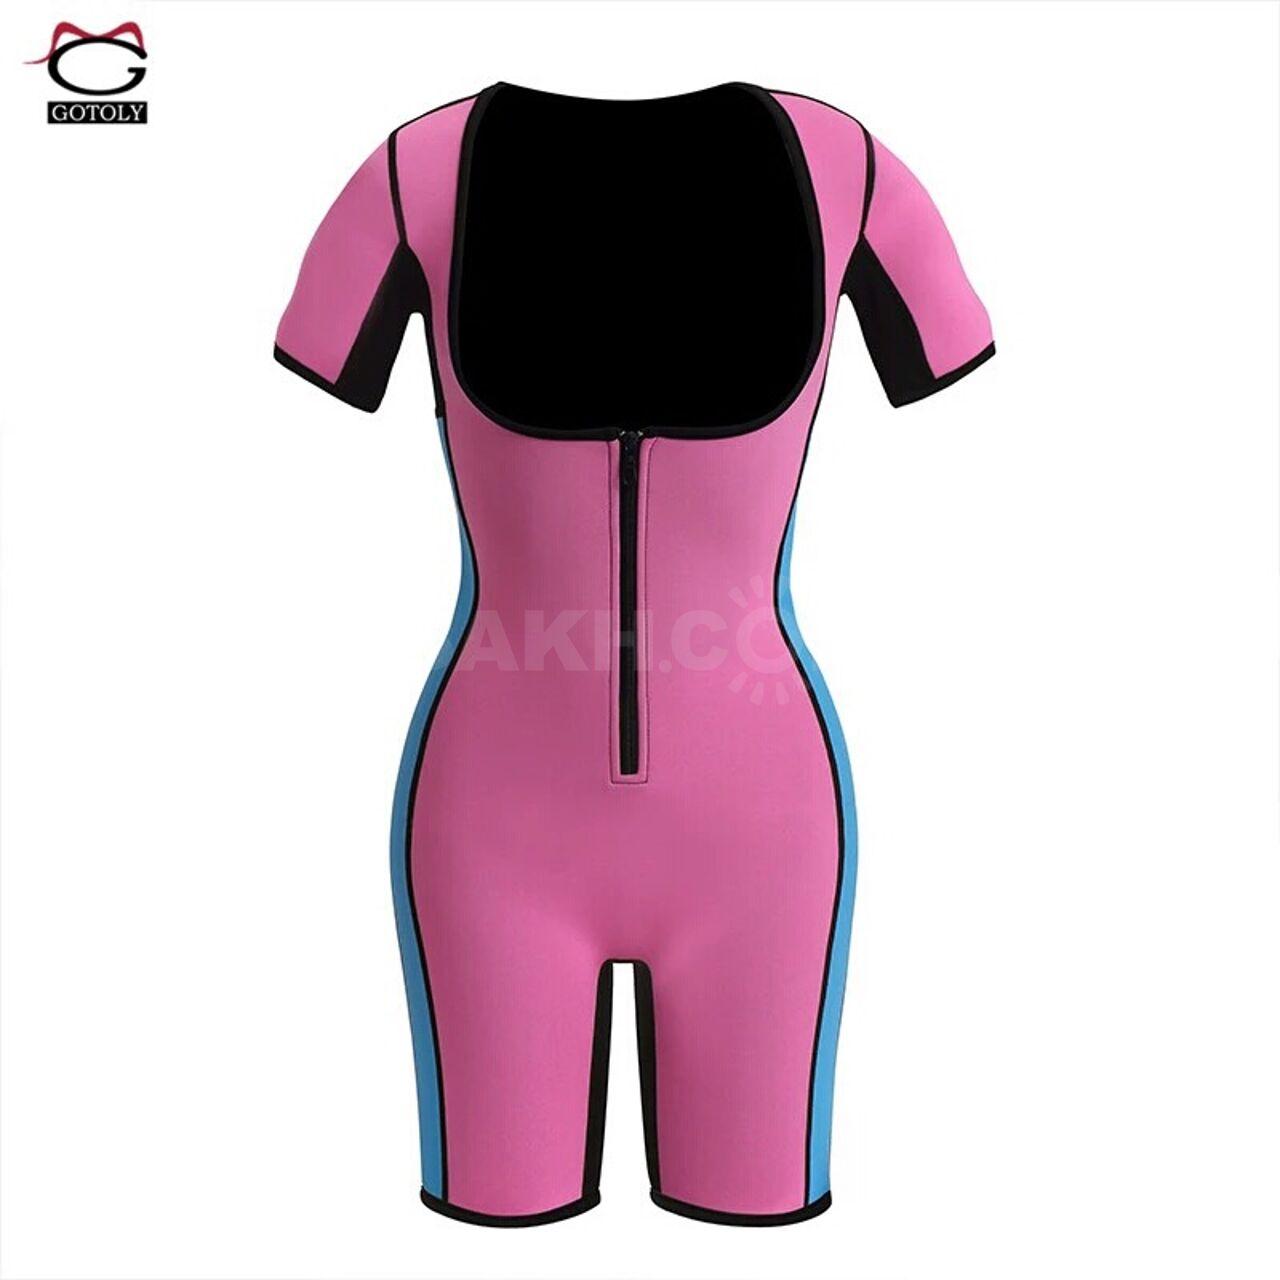 Продам неопреновый костюм,новый,не подошёл по размеру. Размер М(описание в  фото) b92736eb1ae